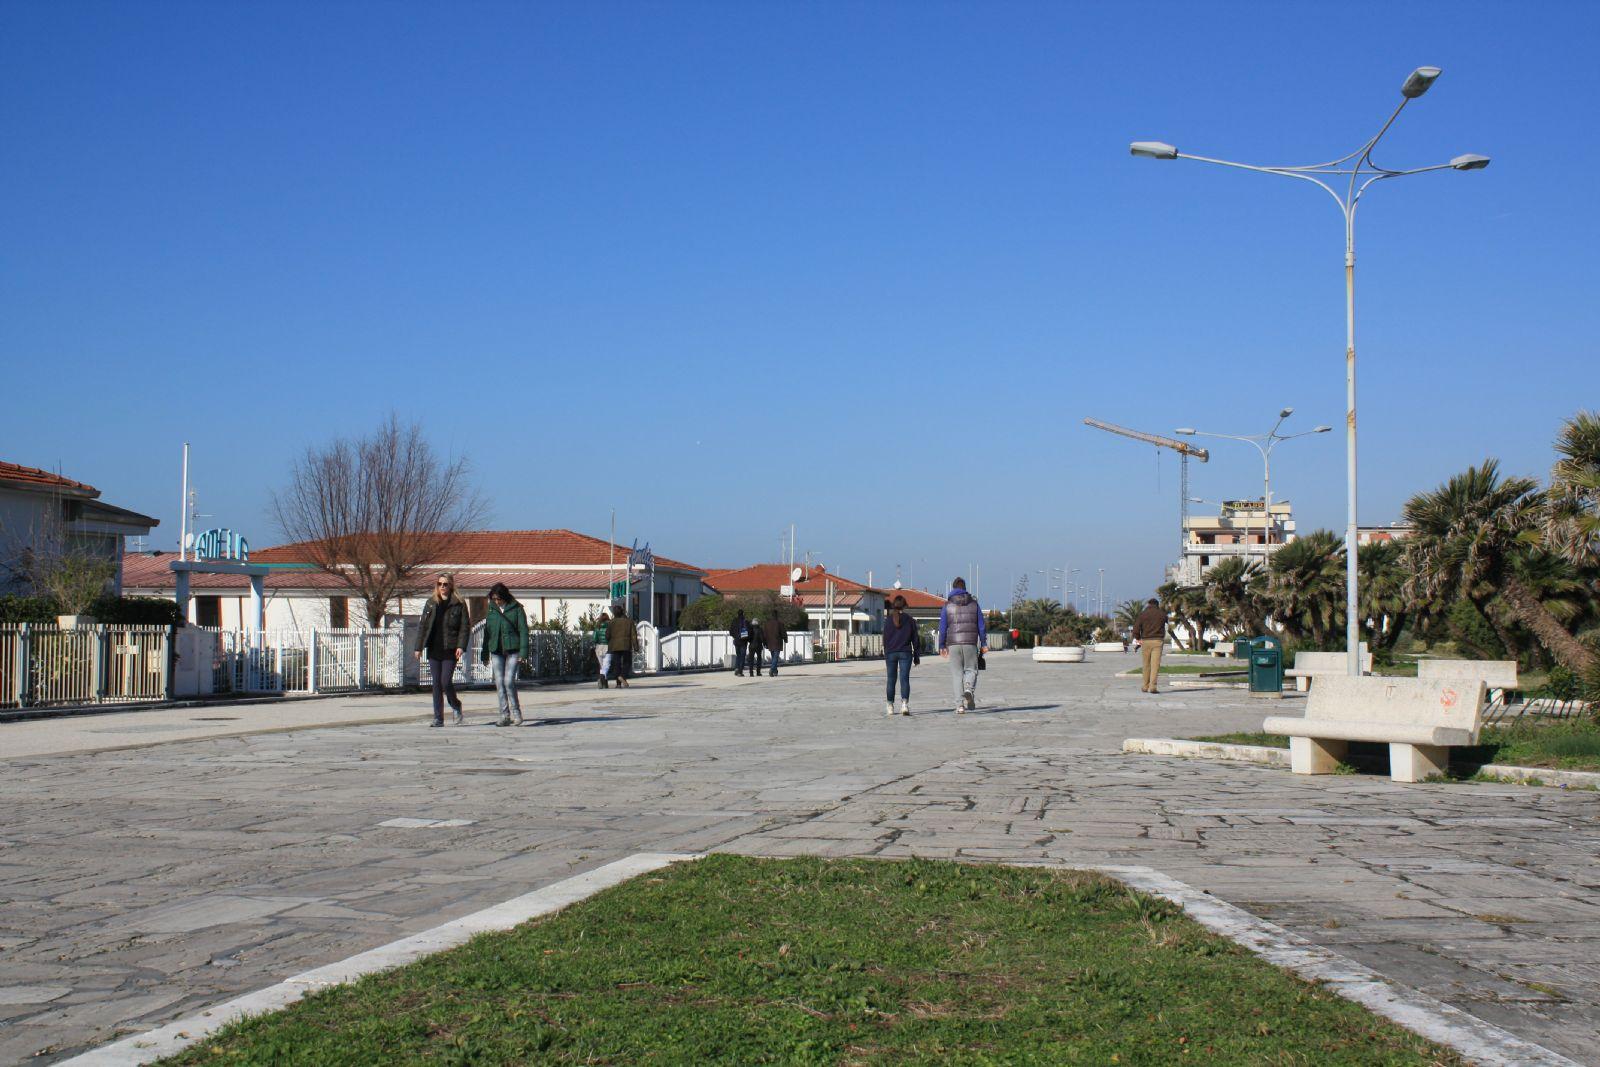 Posizione bagno amelia a viareggio - Bagno genova viareggio prezzi ...